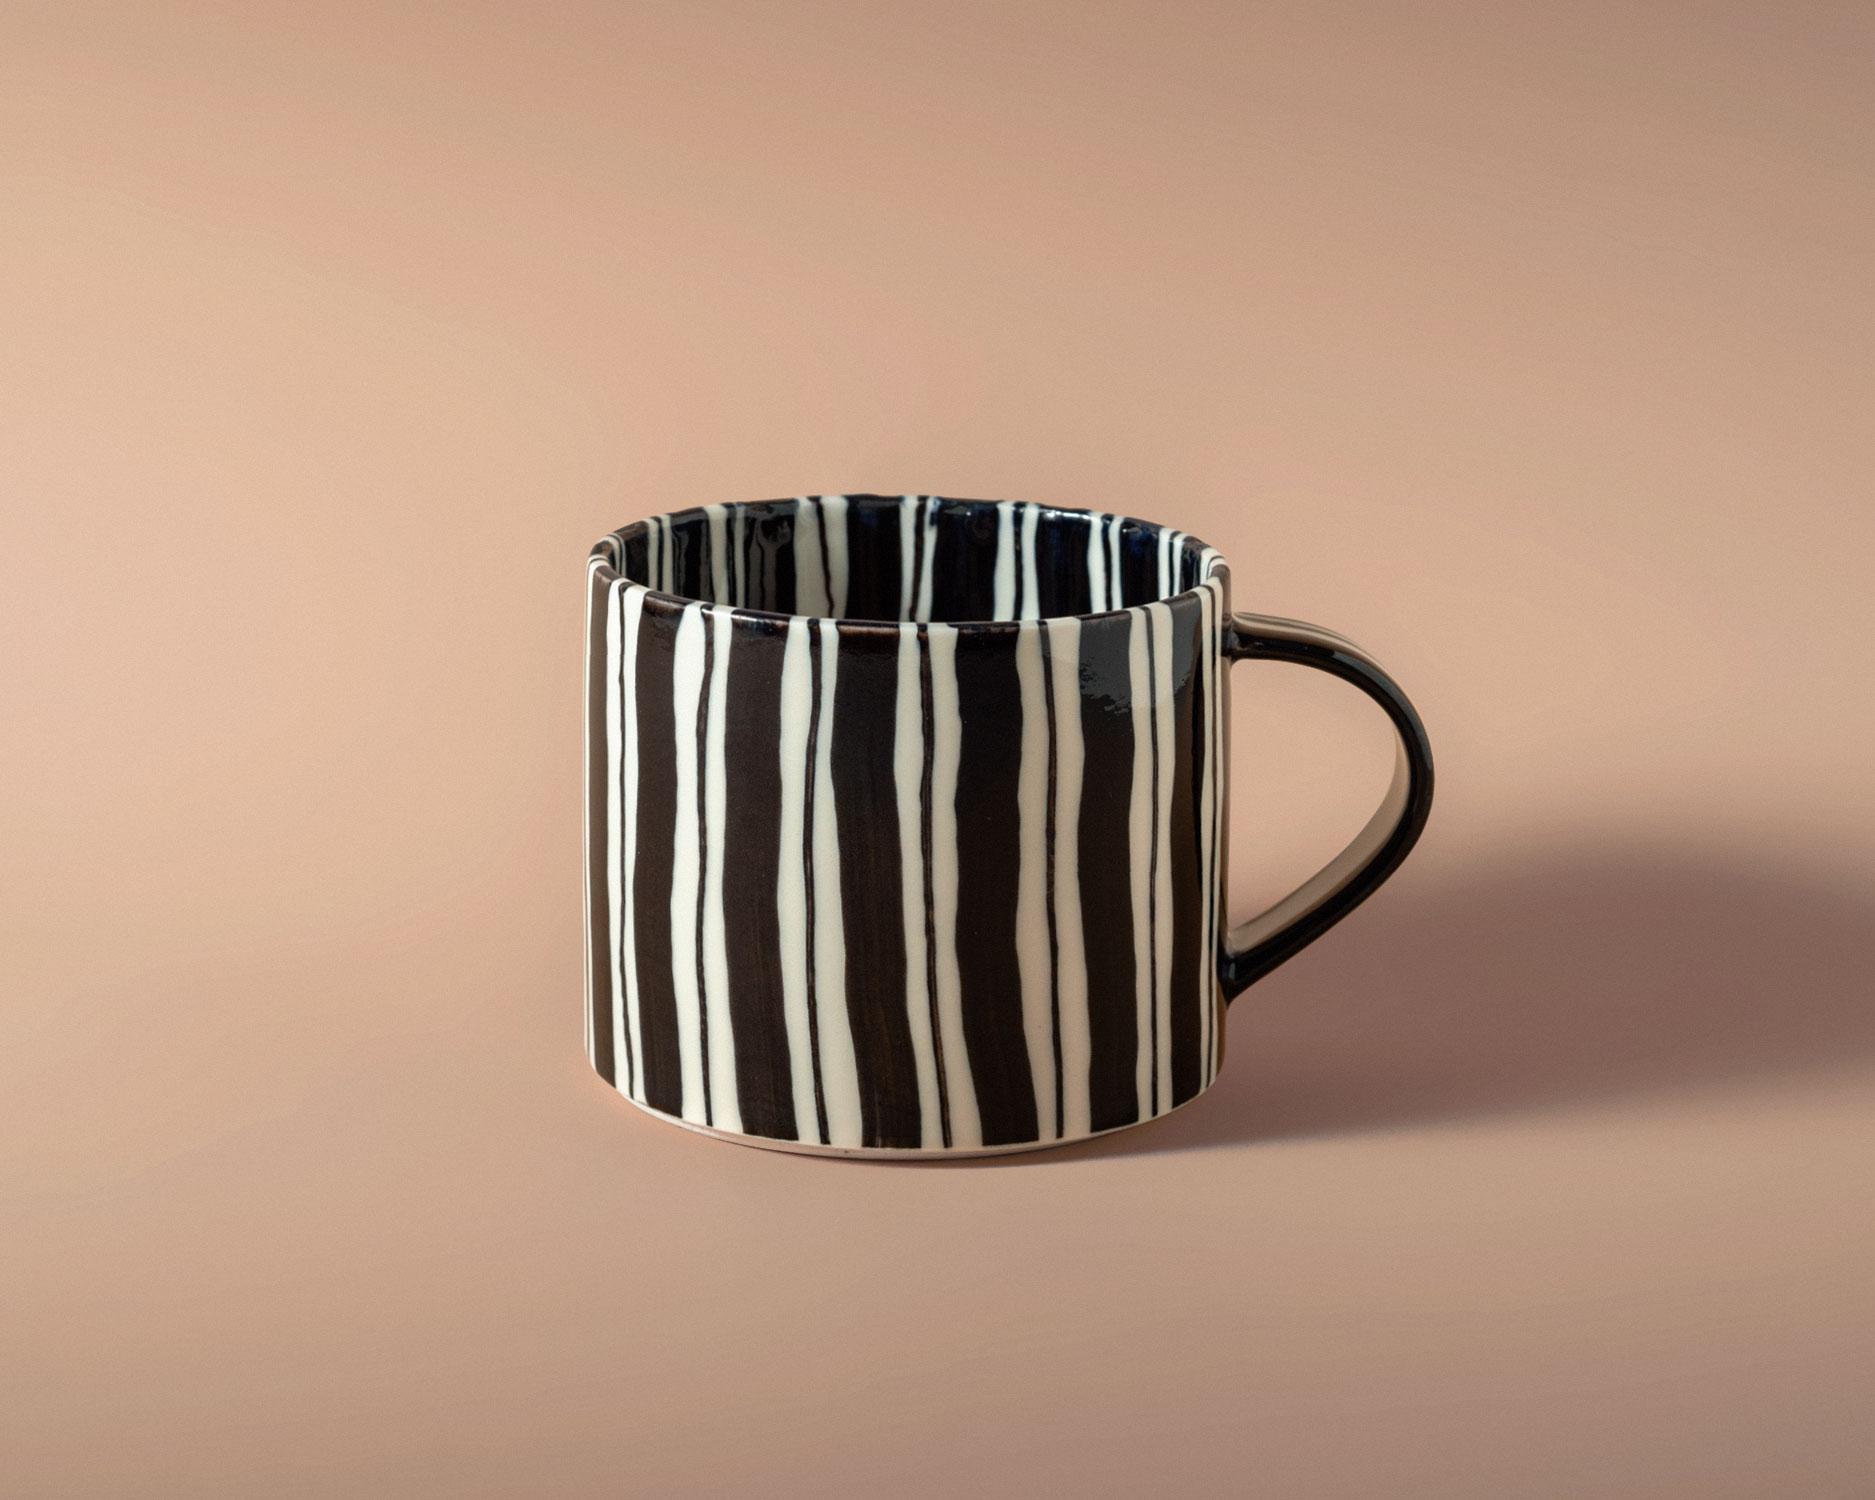 folkdrakter-tea-cup-2-pp.jpg